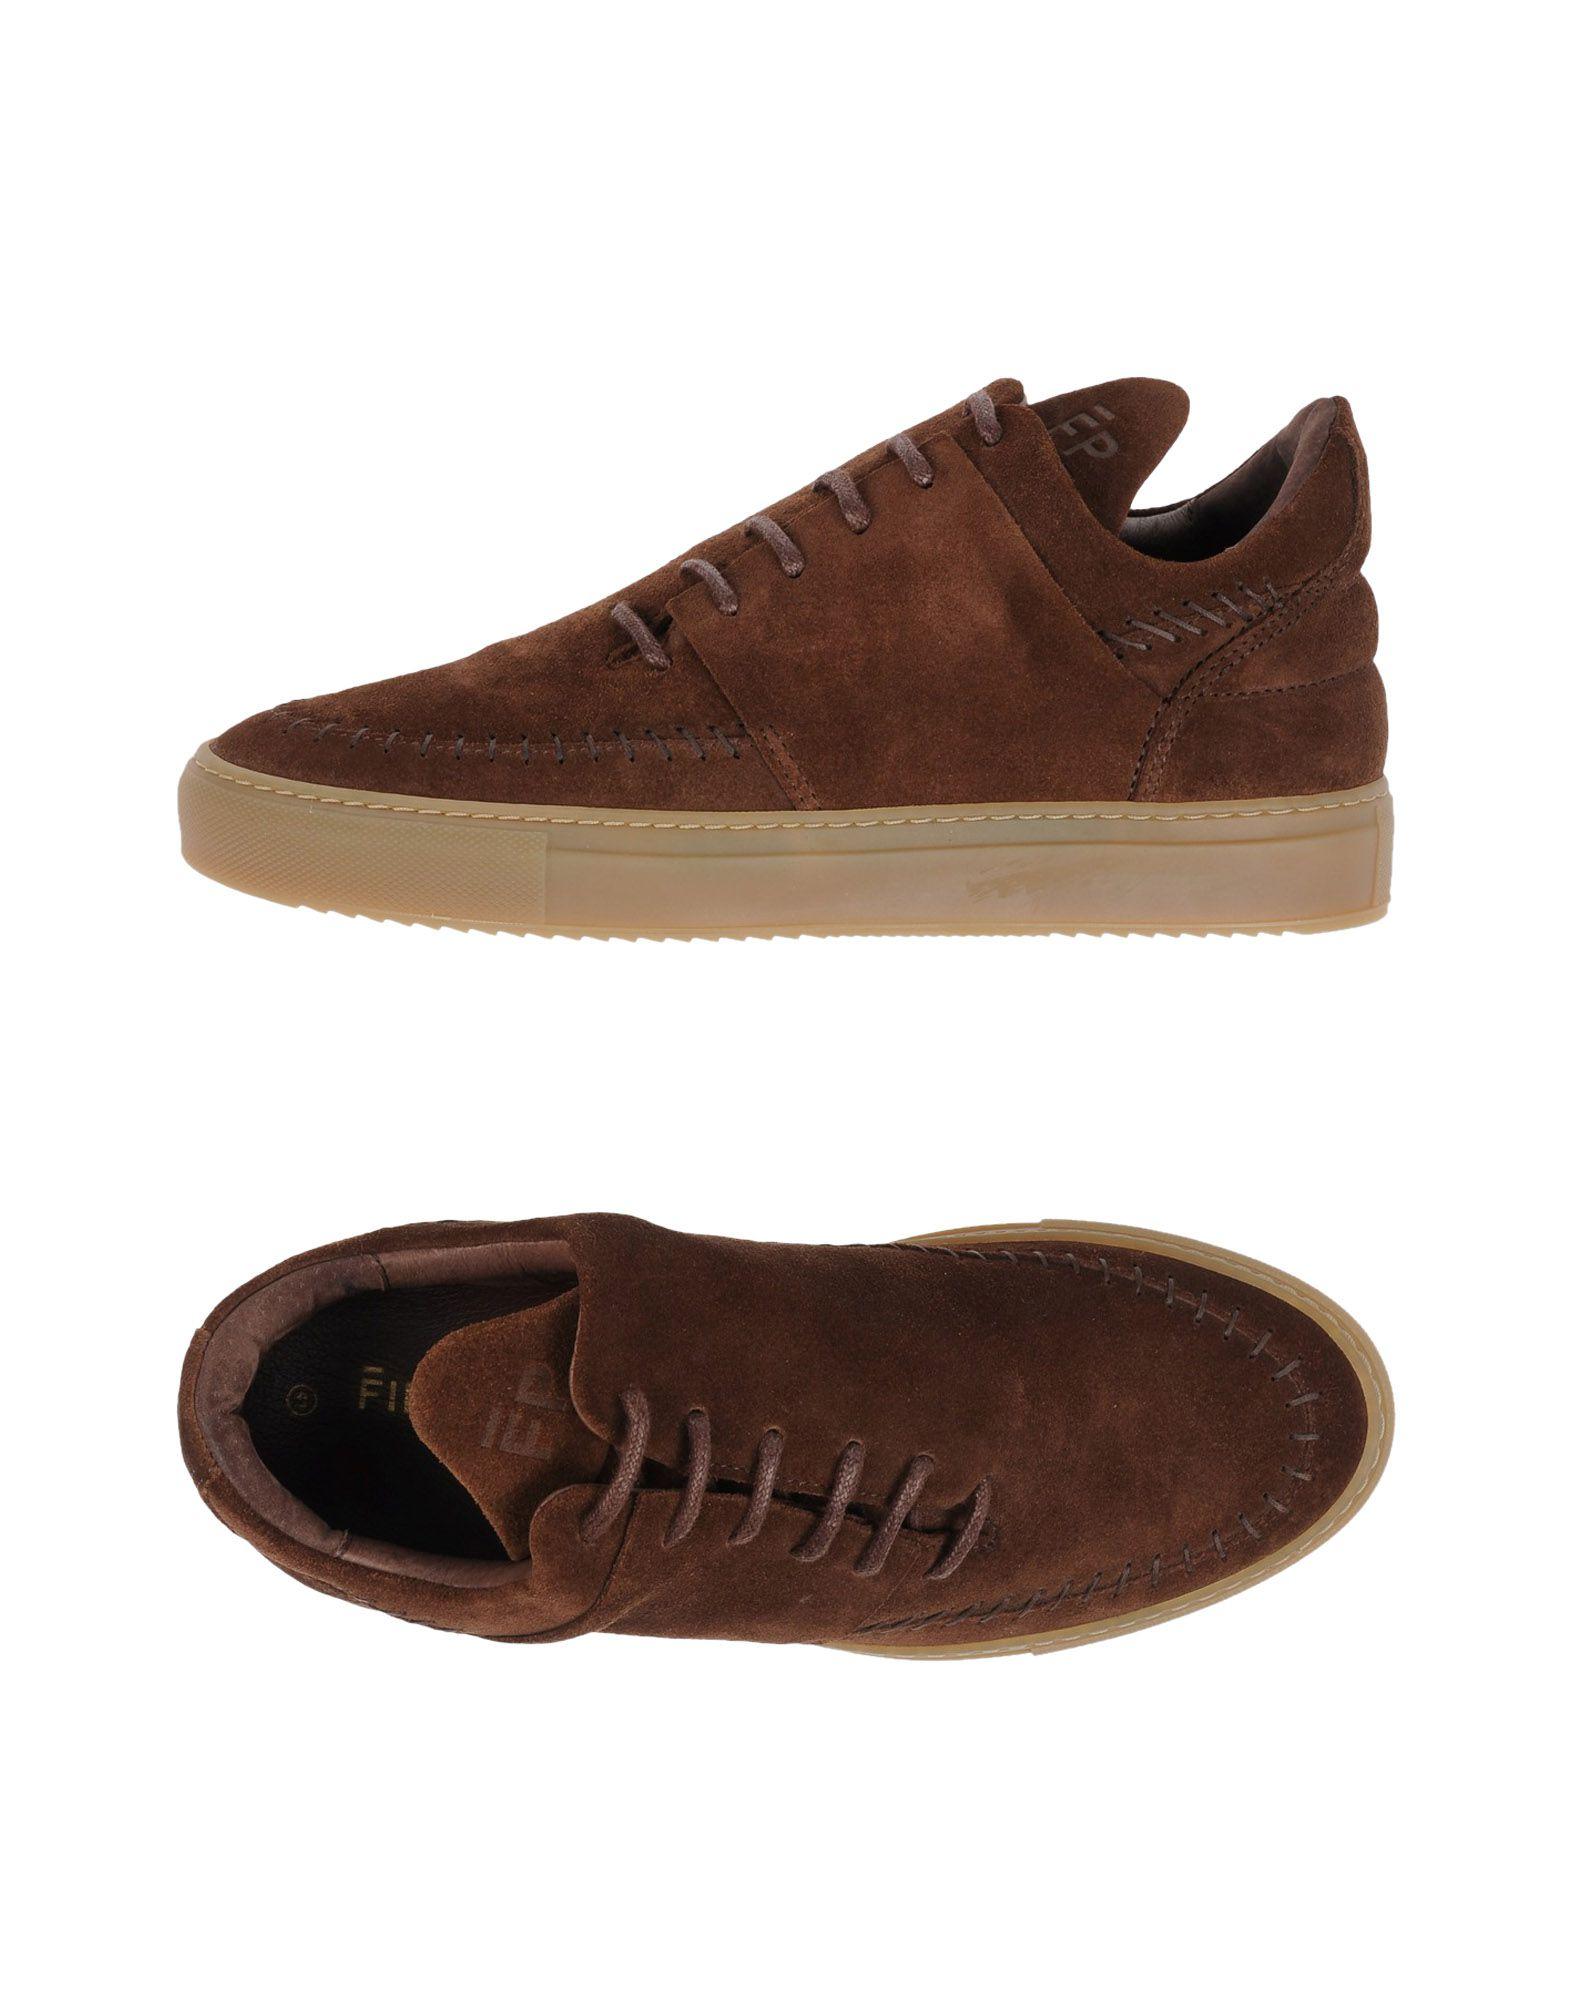 Sneakers Filling Pieces Homme - Sneakers Filling Pieces  Marron Nouvelles chaussures pour hommes et femmes, remise limitée dans le temps